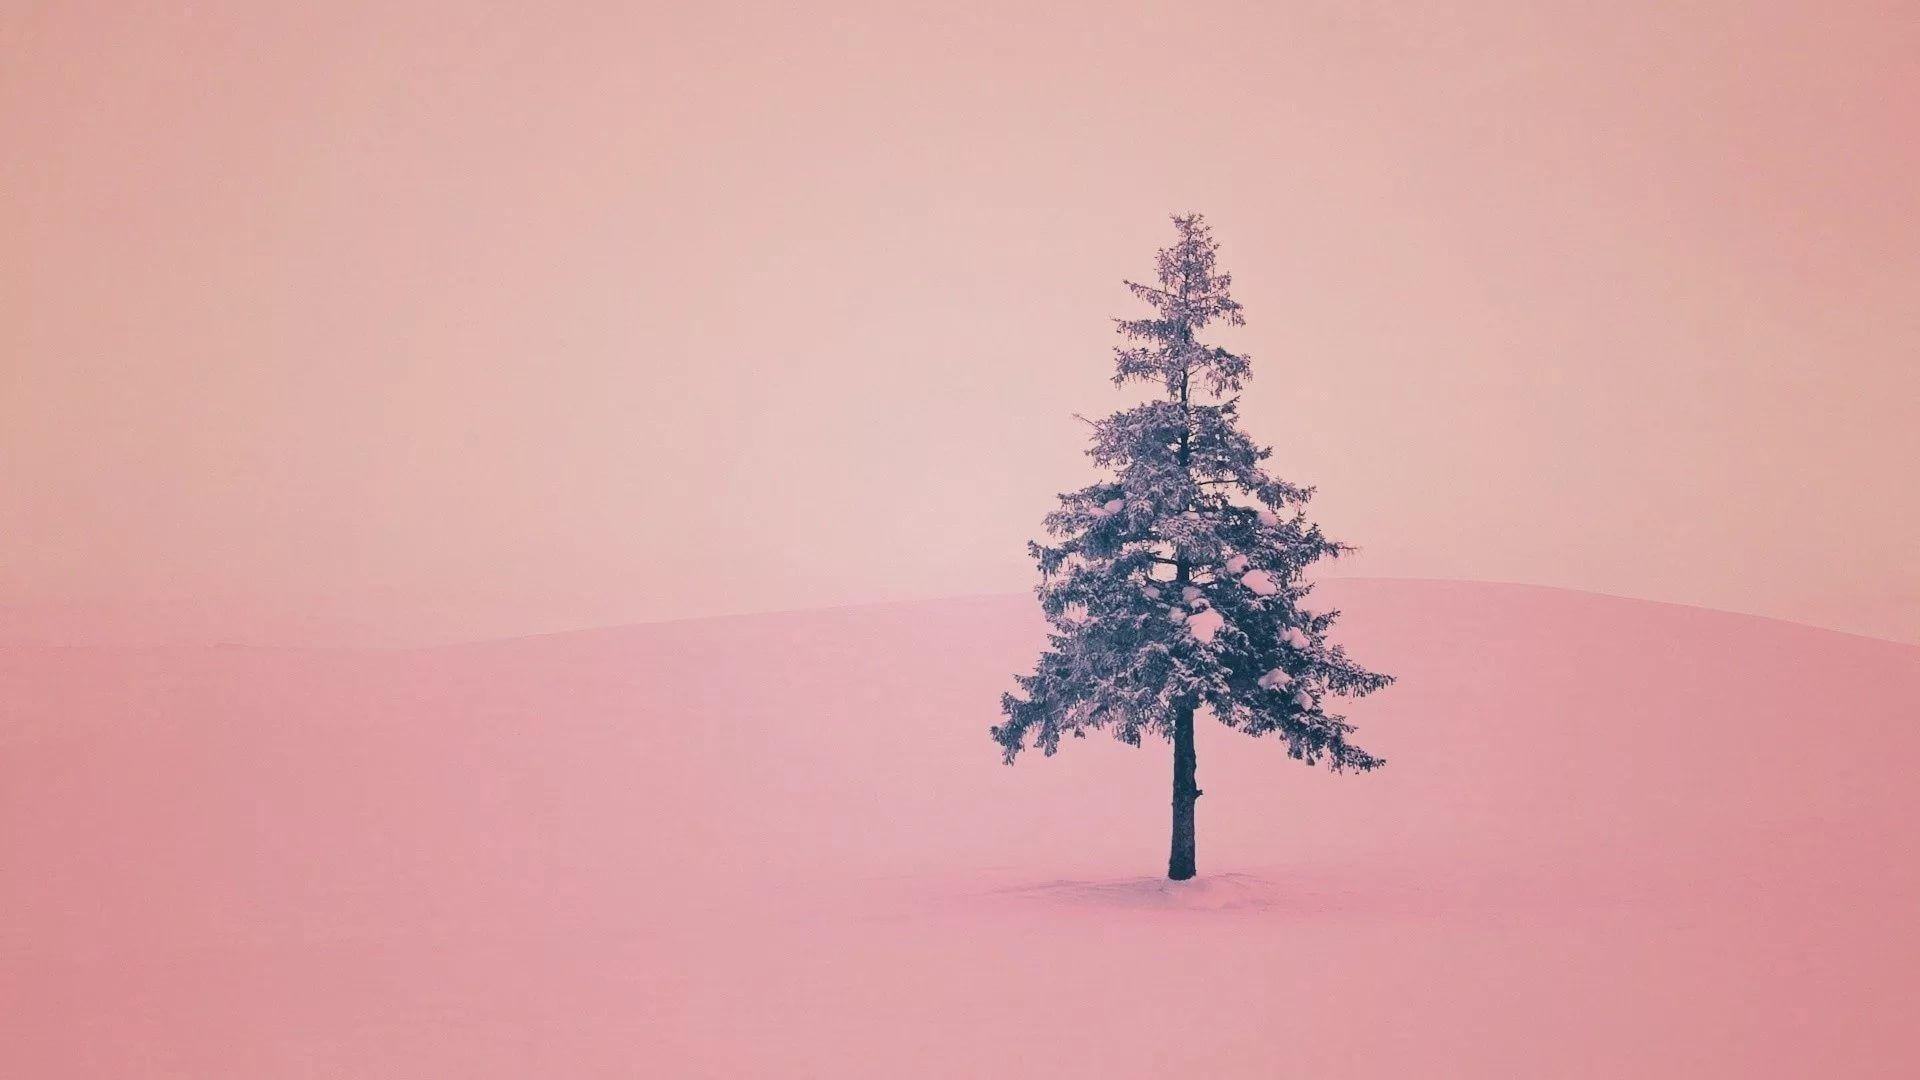 Cute Winter full hd 1080p wallpaper